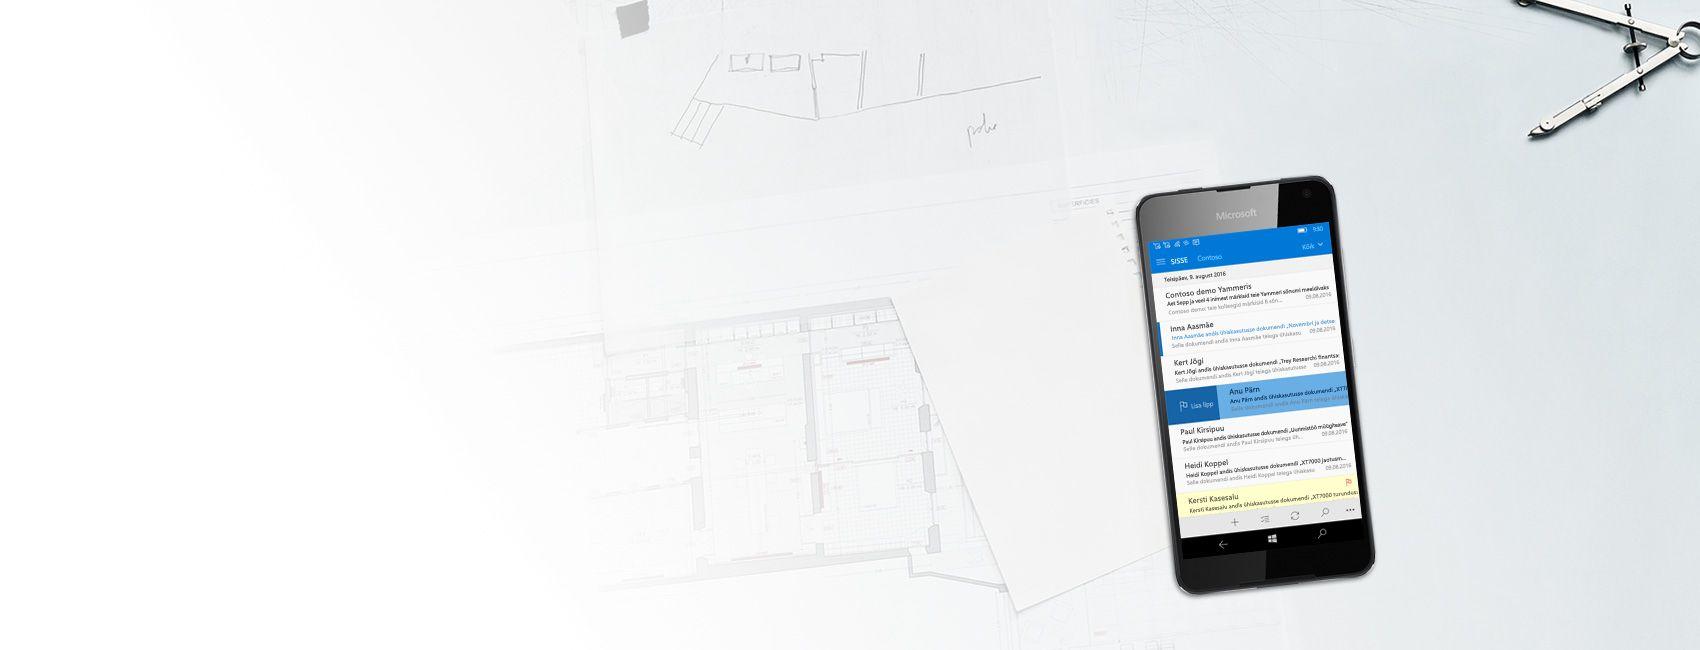 Windowsi telefon, mille ekraanil on näha meilirakenduse Outlook for Windows 10 Mobile sisendkaust